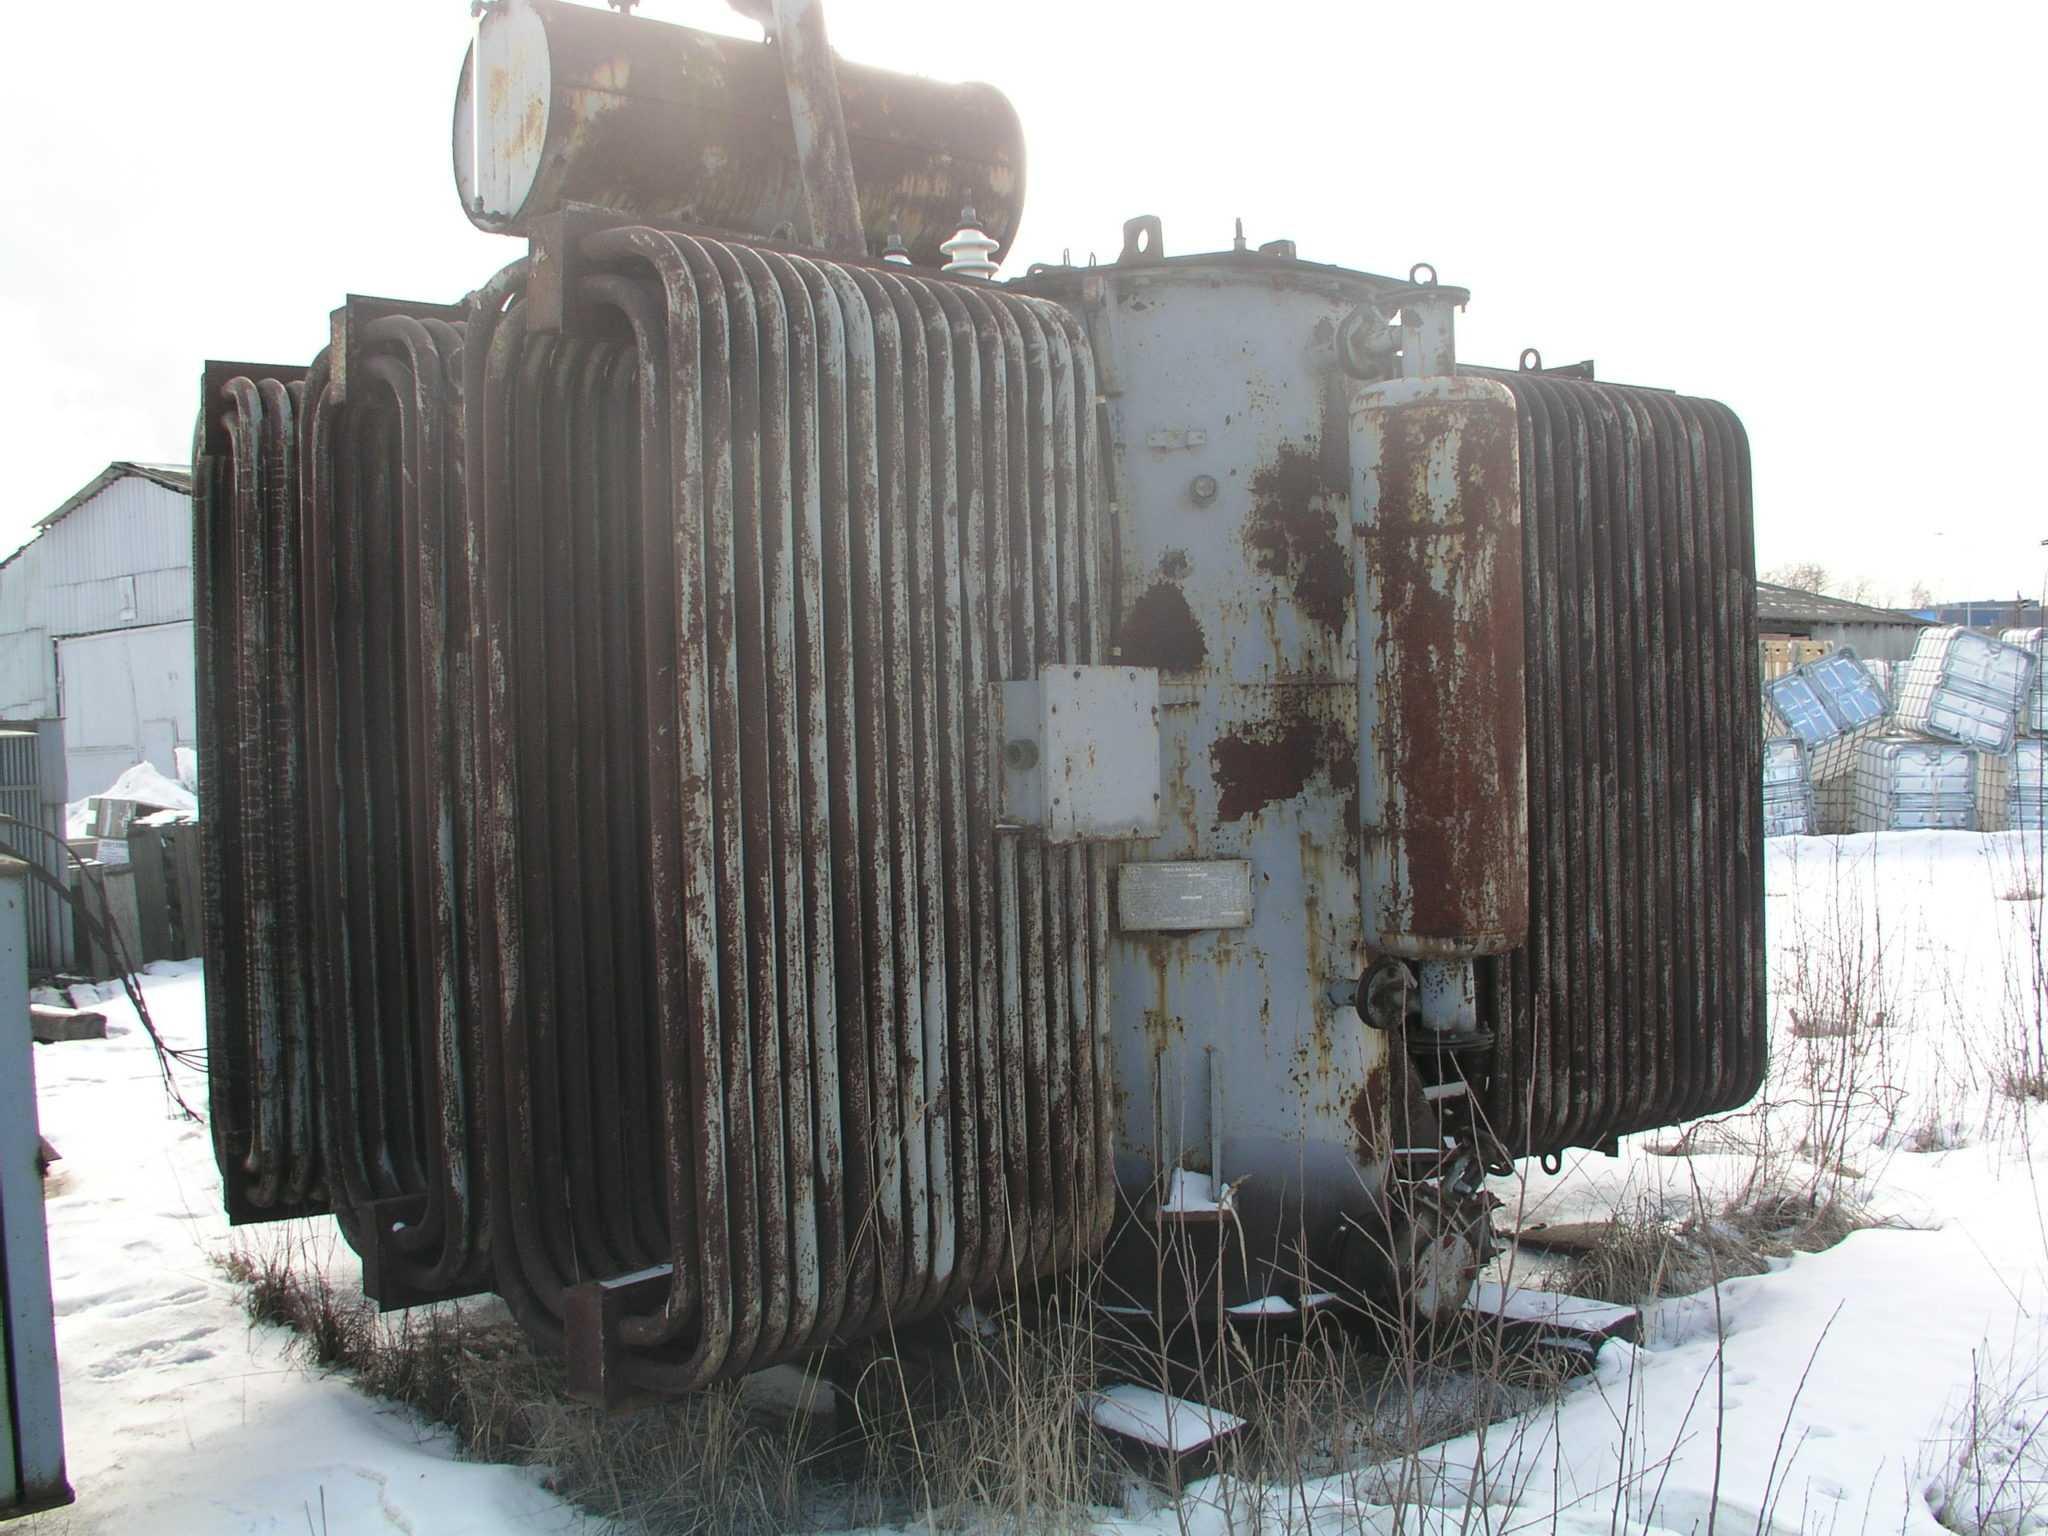 Вот такой трансформатор - это действительно удача, но врядли его можно найти бесхозным